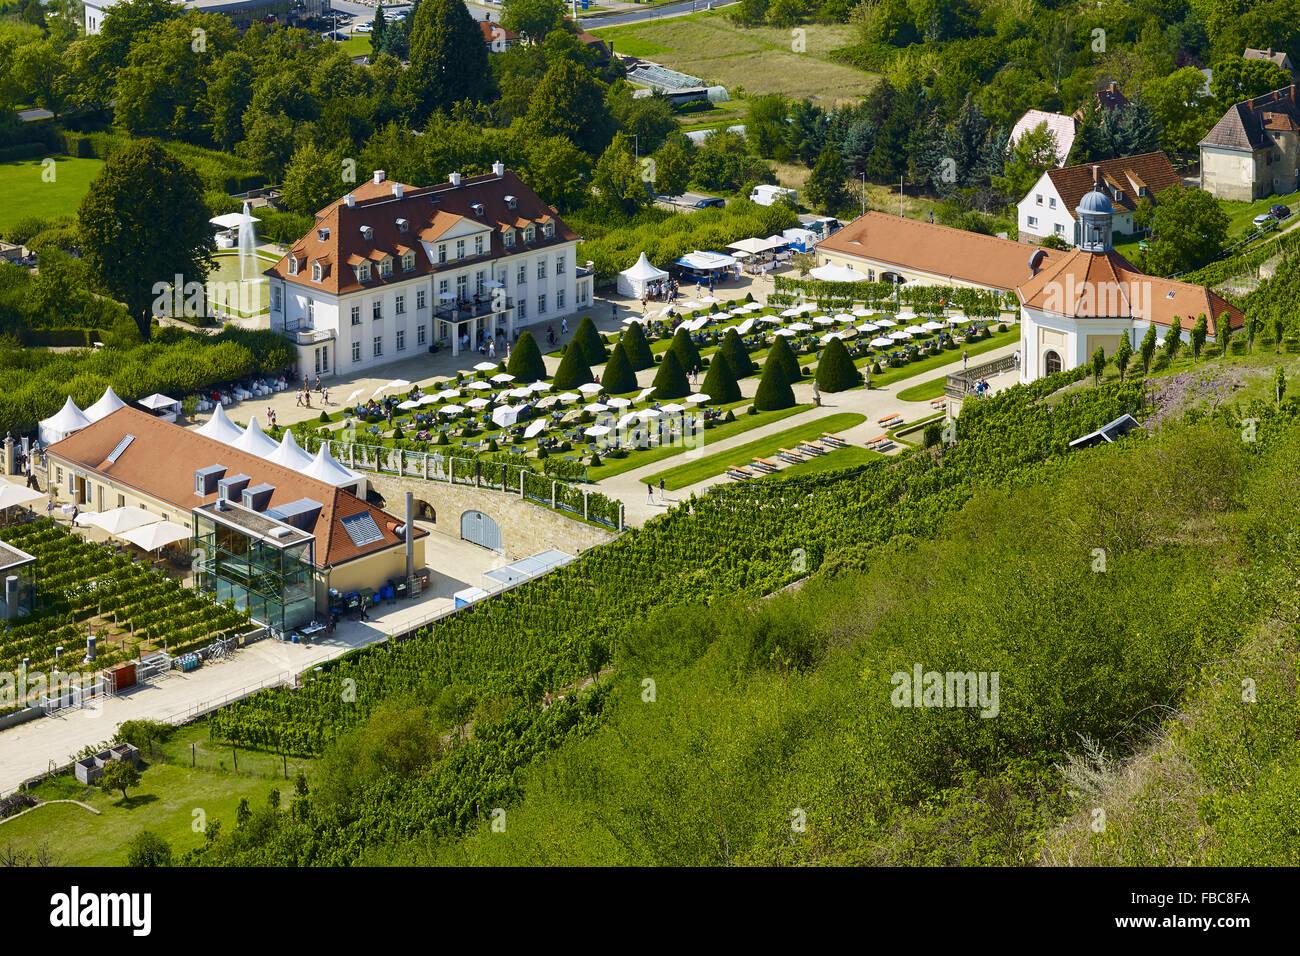 Castle Wackerbarth, Radebeul, Saxony, Germany - Stock Image